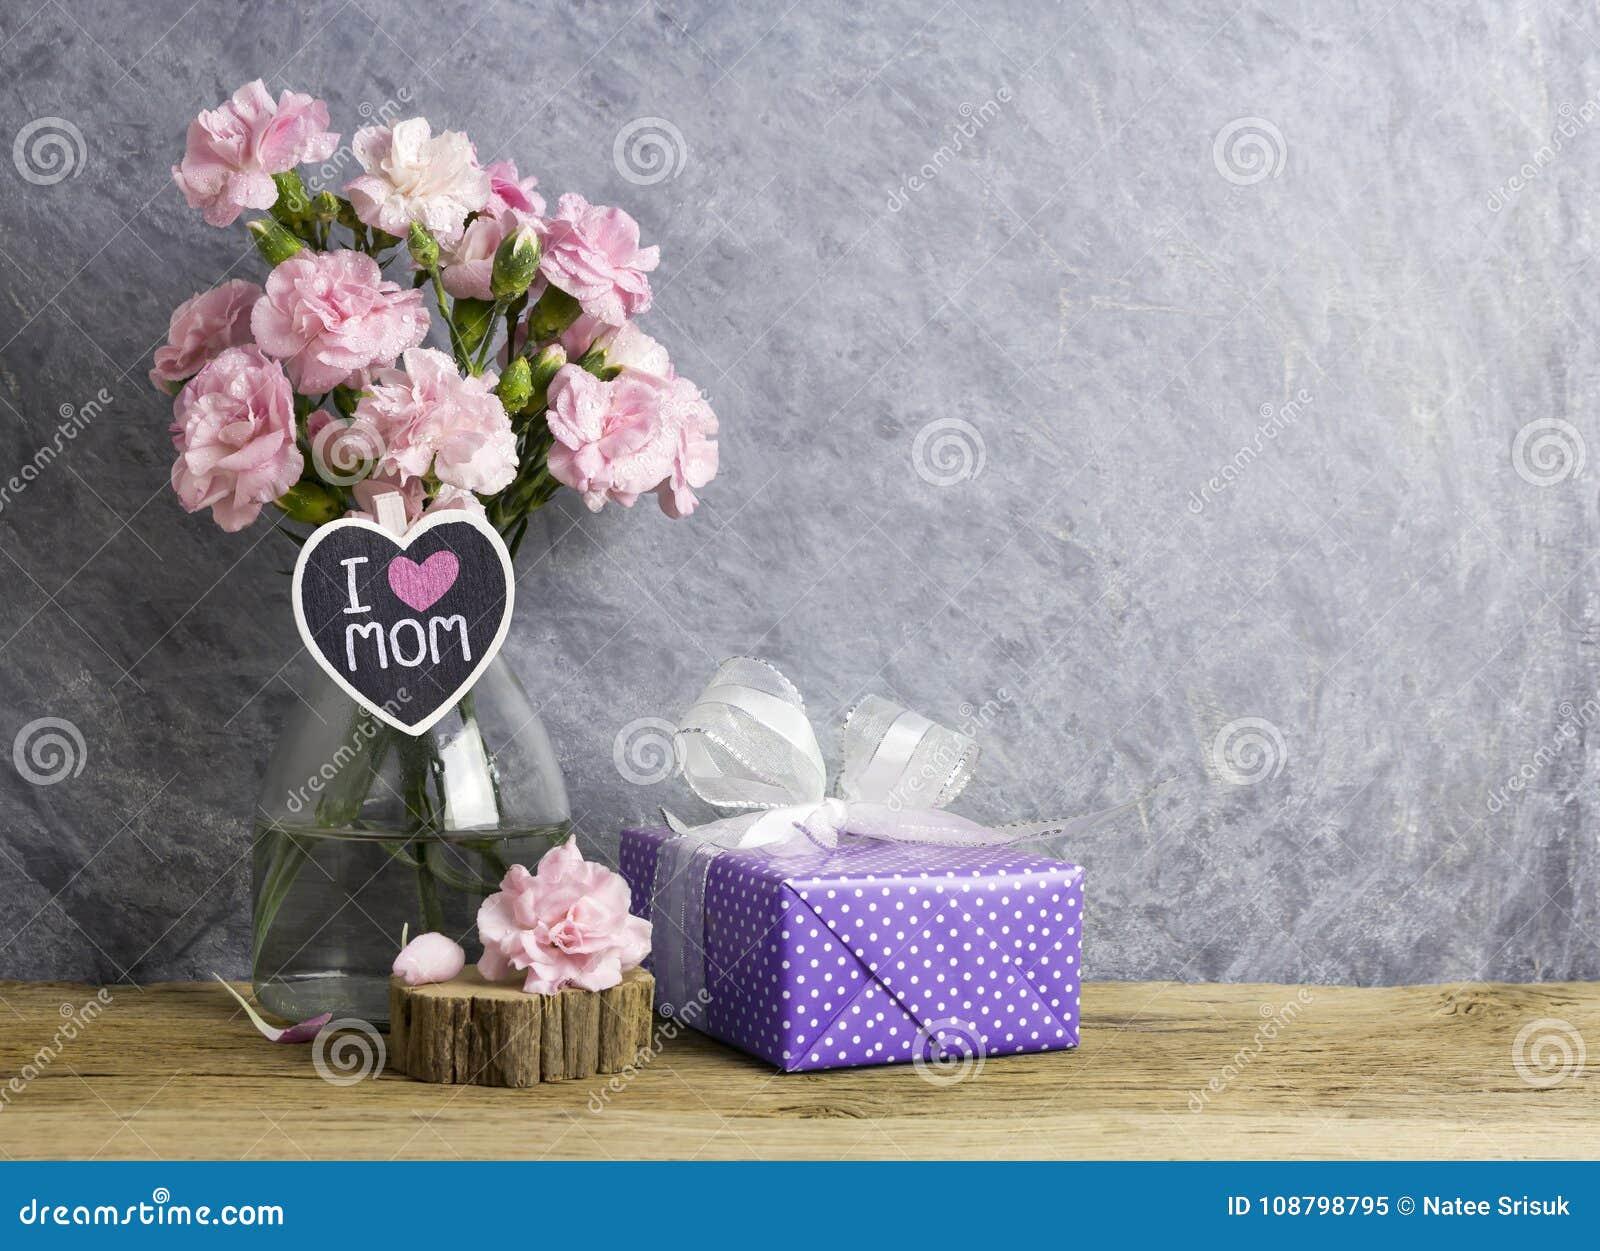 Het gelukkige concept van de moedersdag roze anjerbloemen in fles